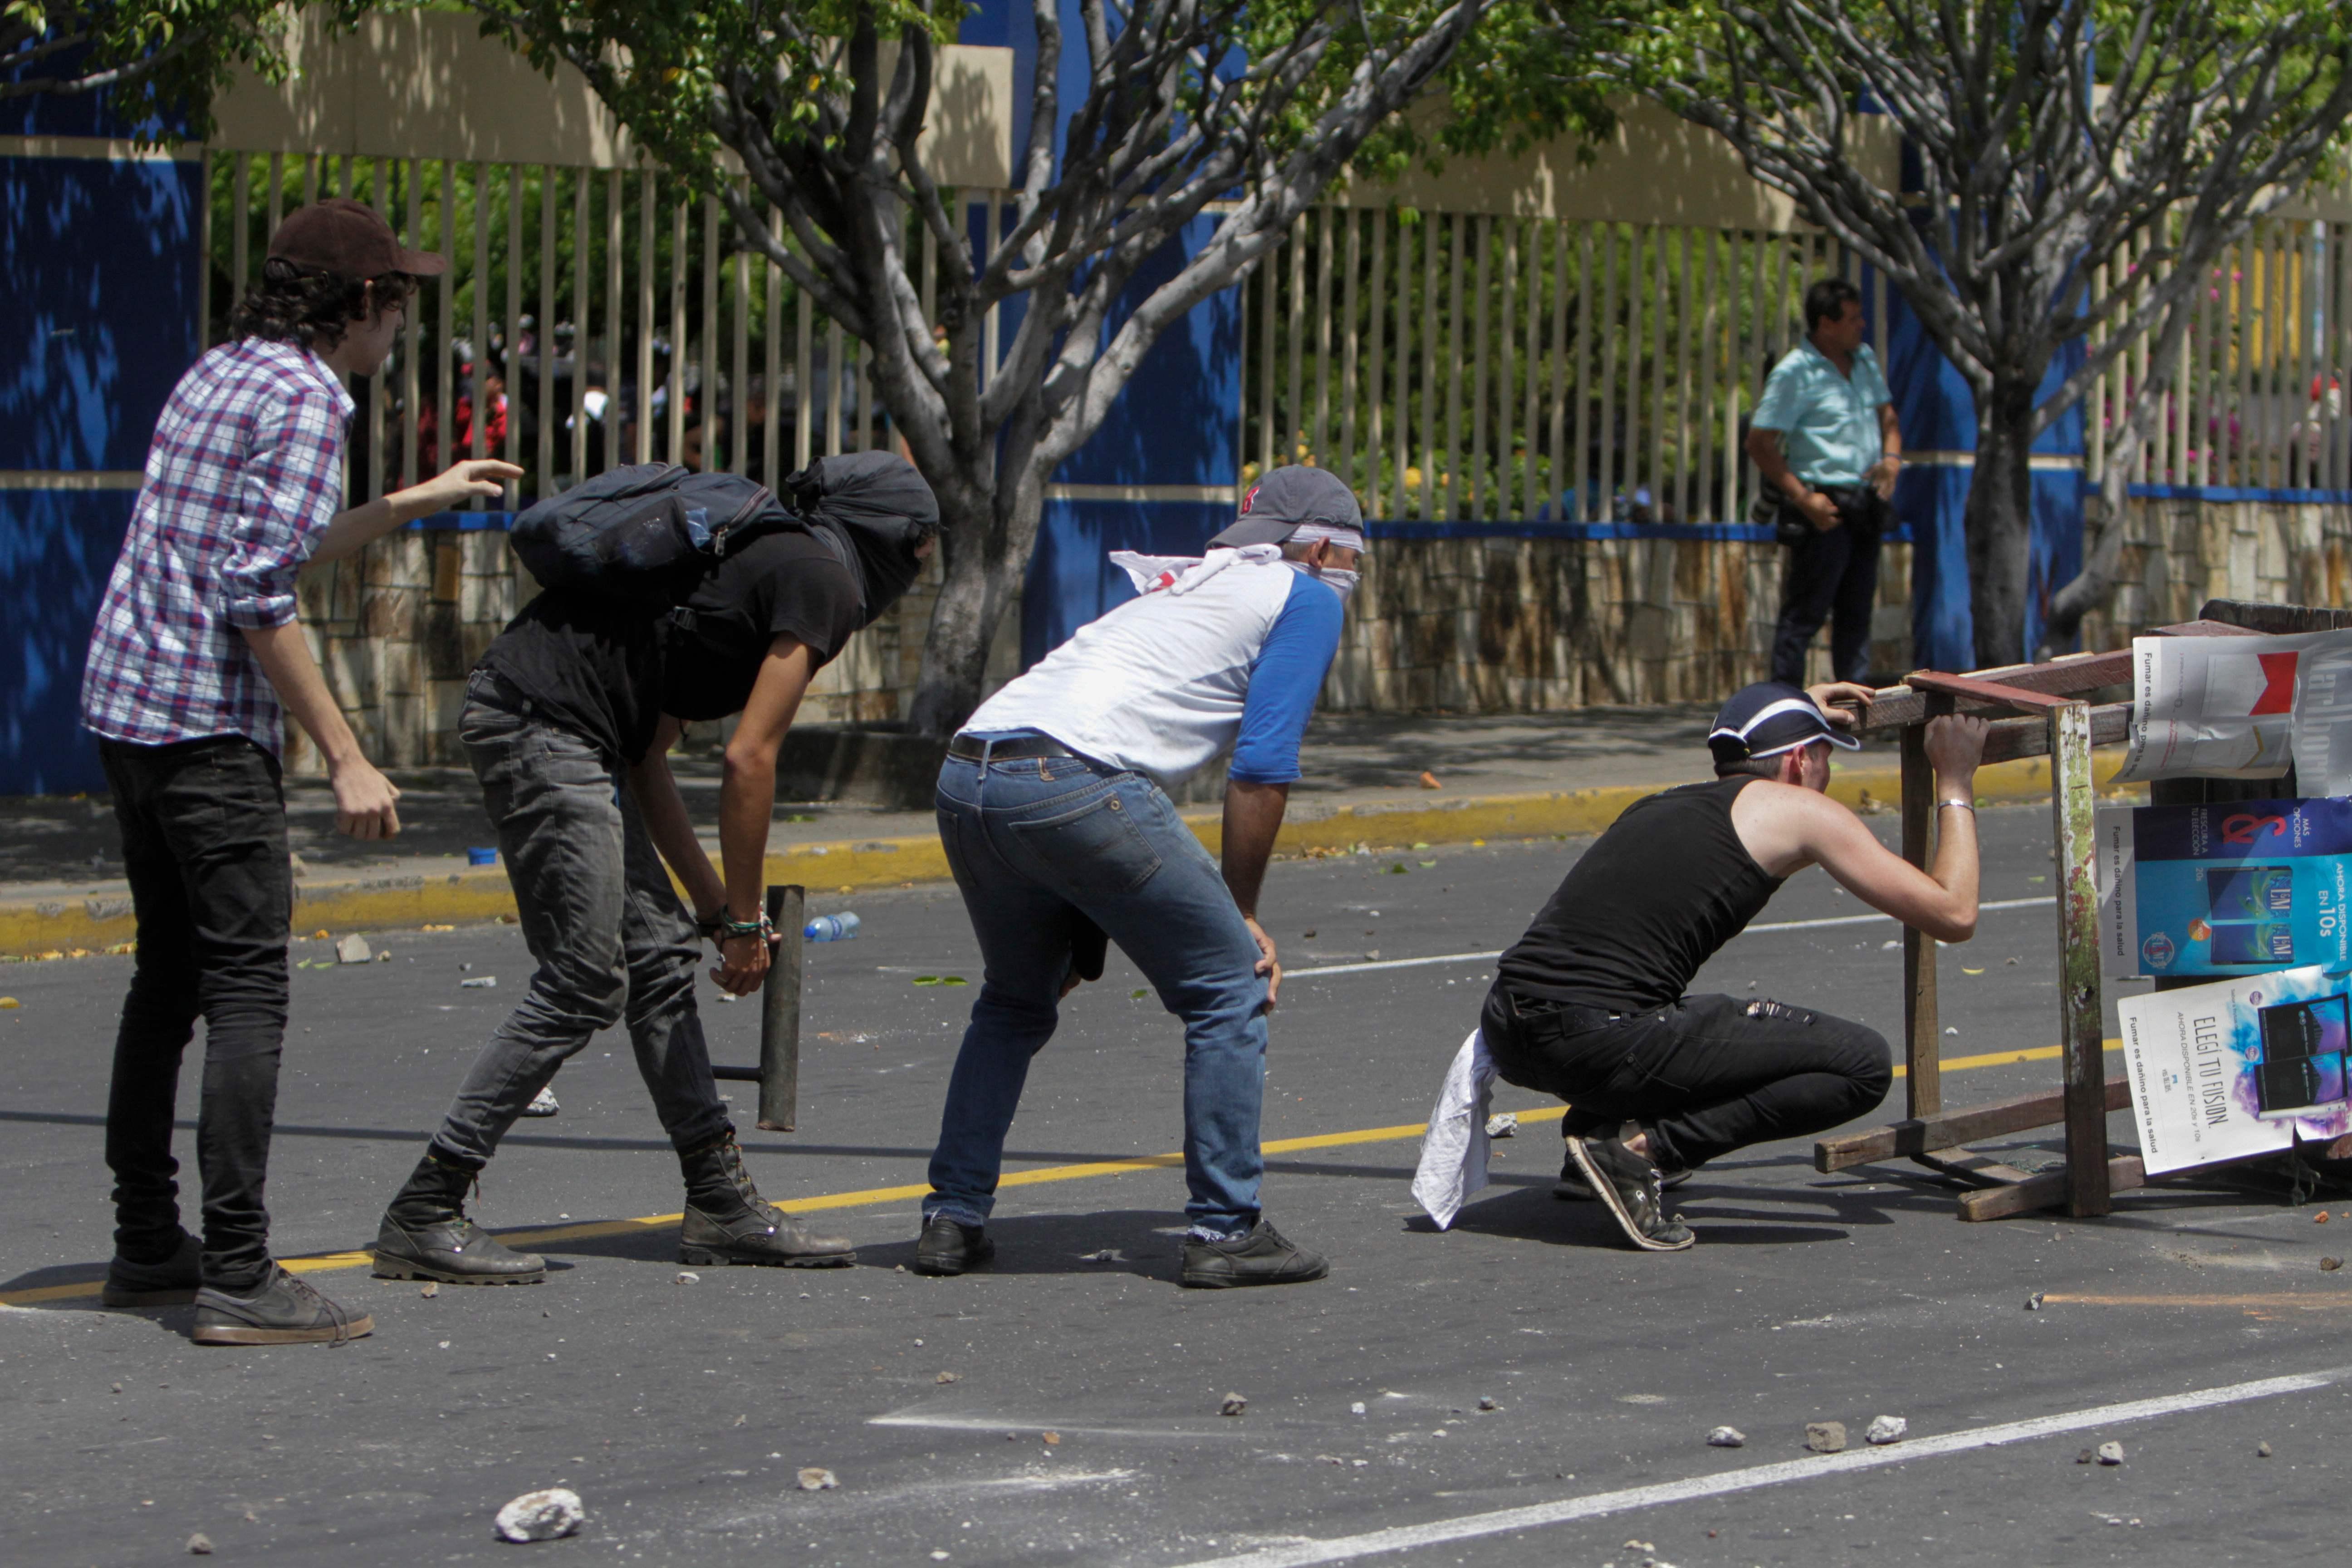 جانب من الاشتباكات بين قوات الامن والطلاب